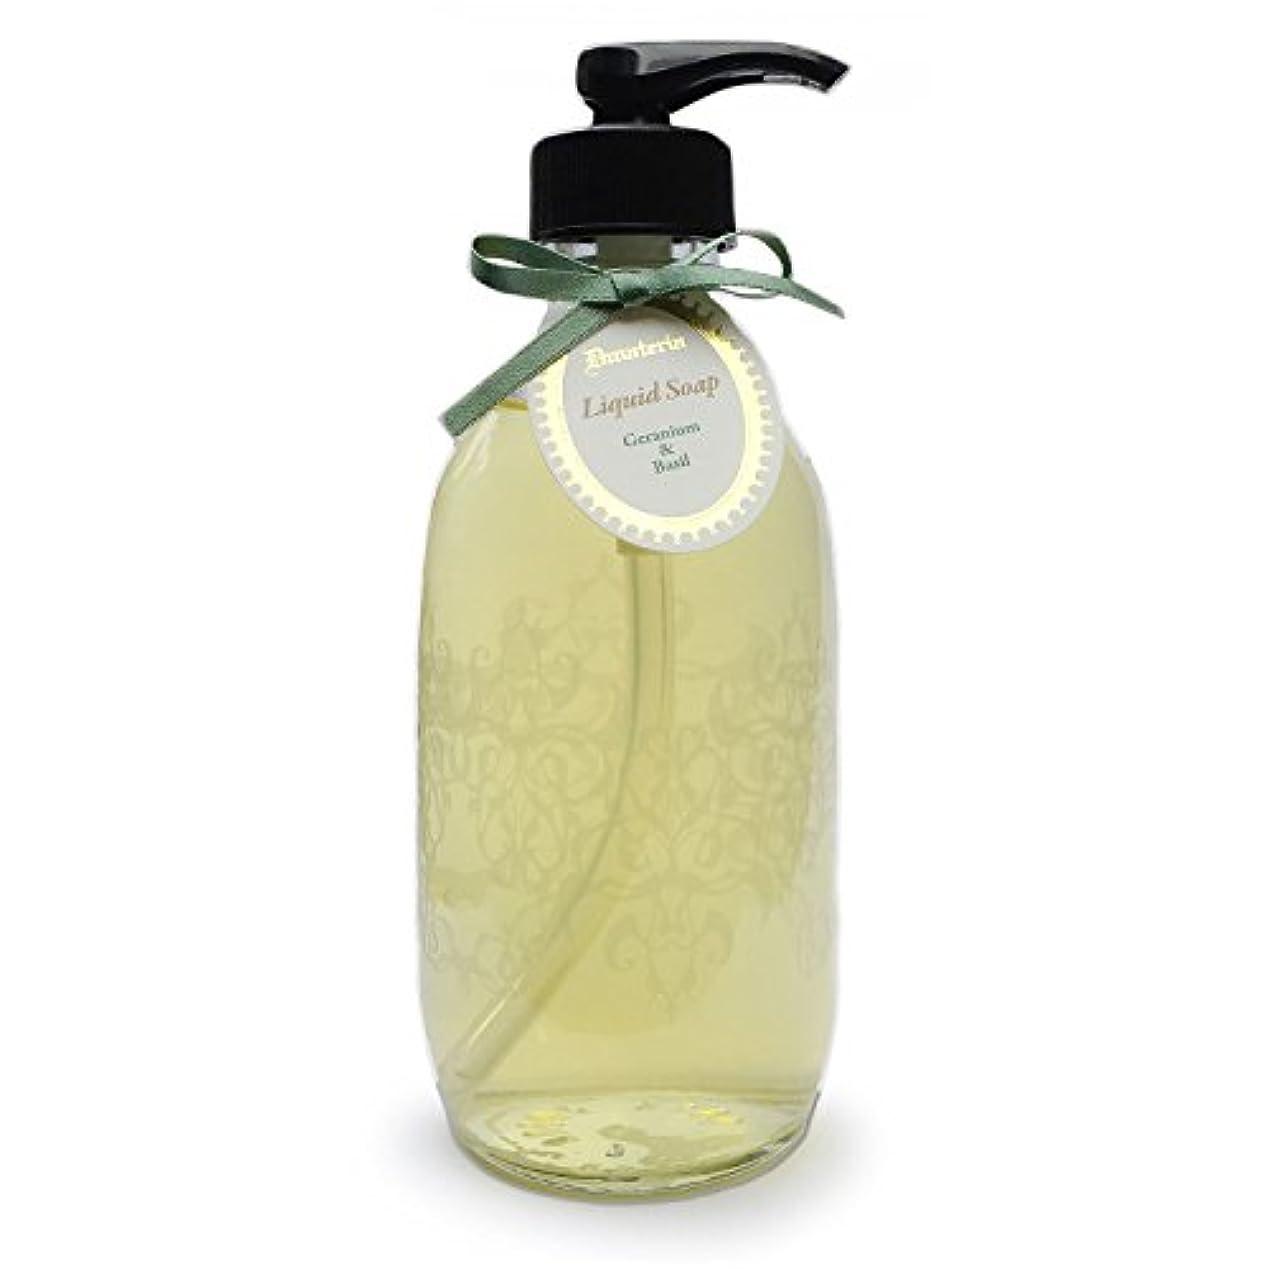 開始花輪同僚D materia リキッドソープ ゼラニウム&バジル Geranium&Basil Liquid Soap ディーマテリア